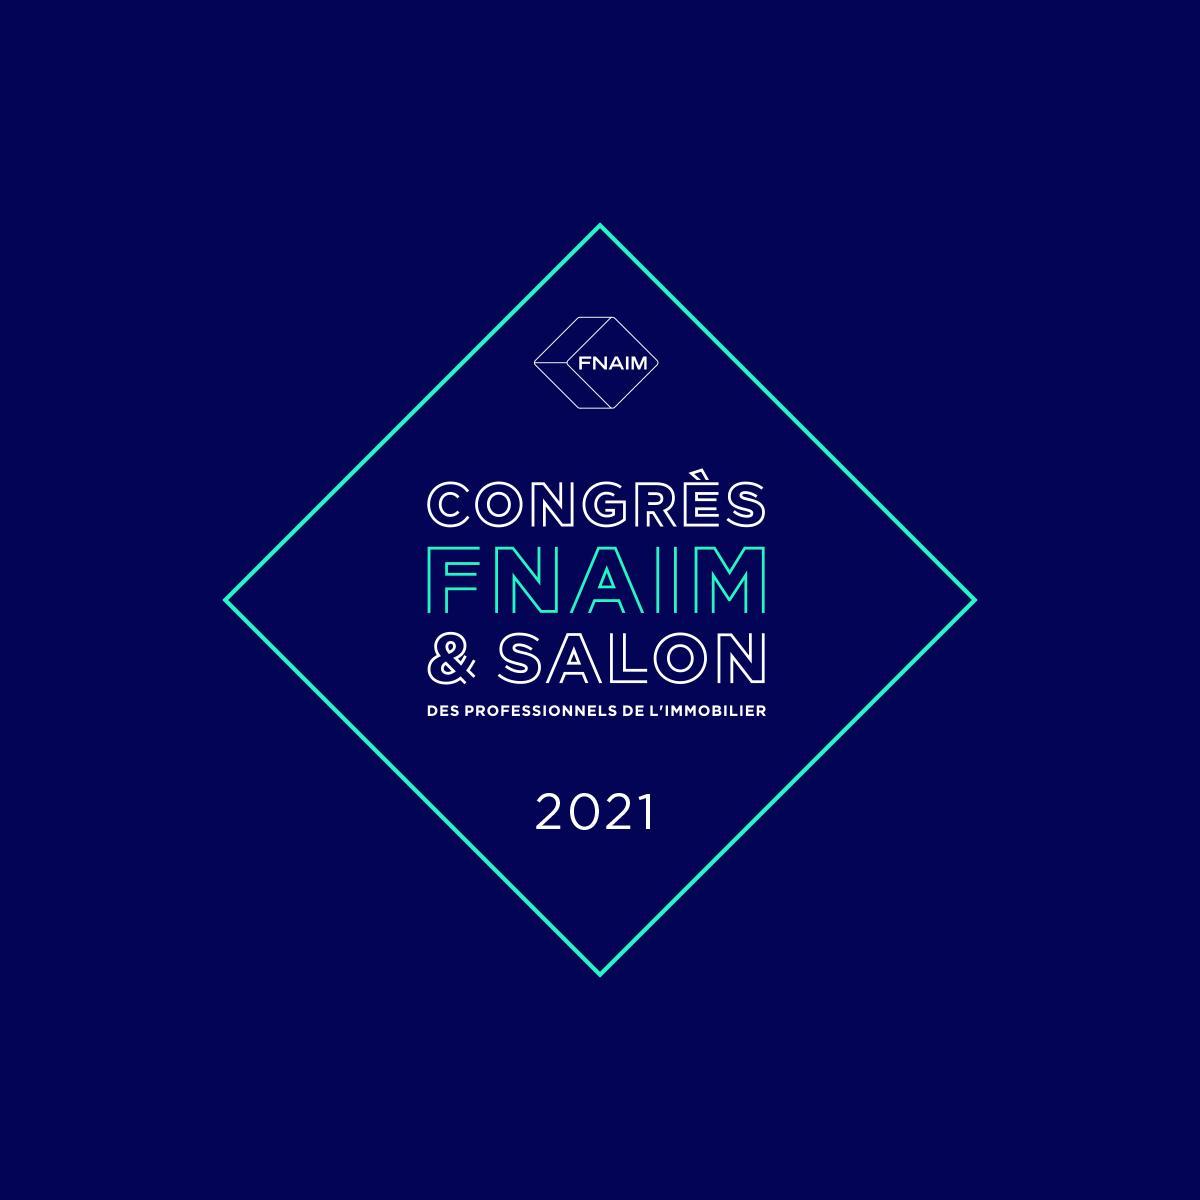 Congrès Fnaim 2021 : une nouvelle édition en format hybride